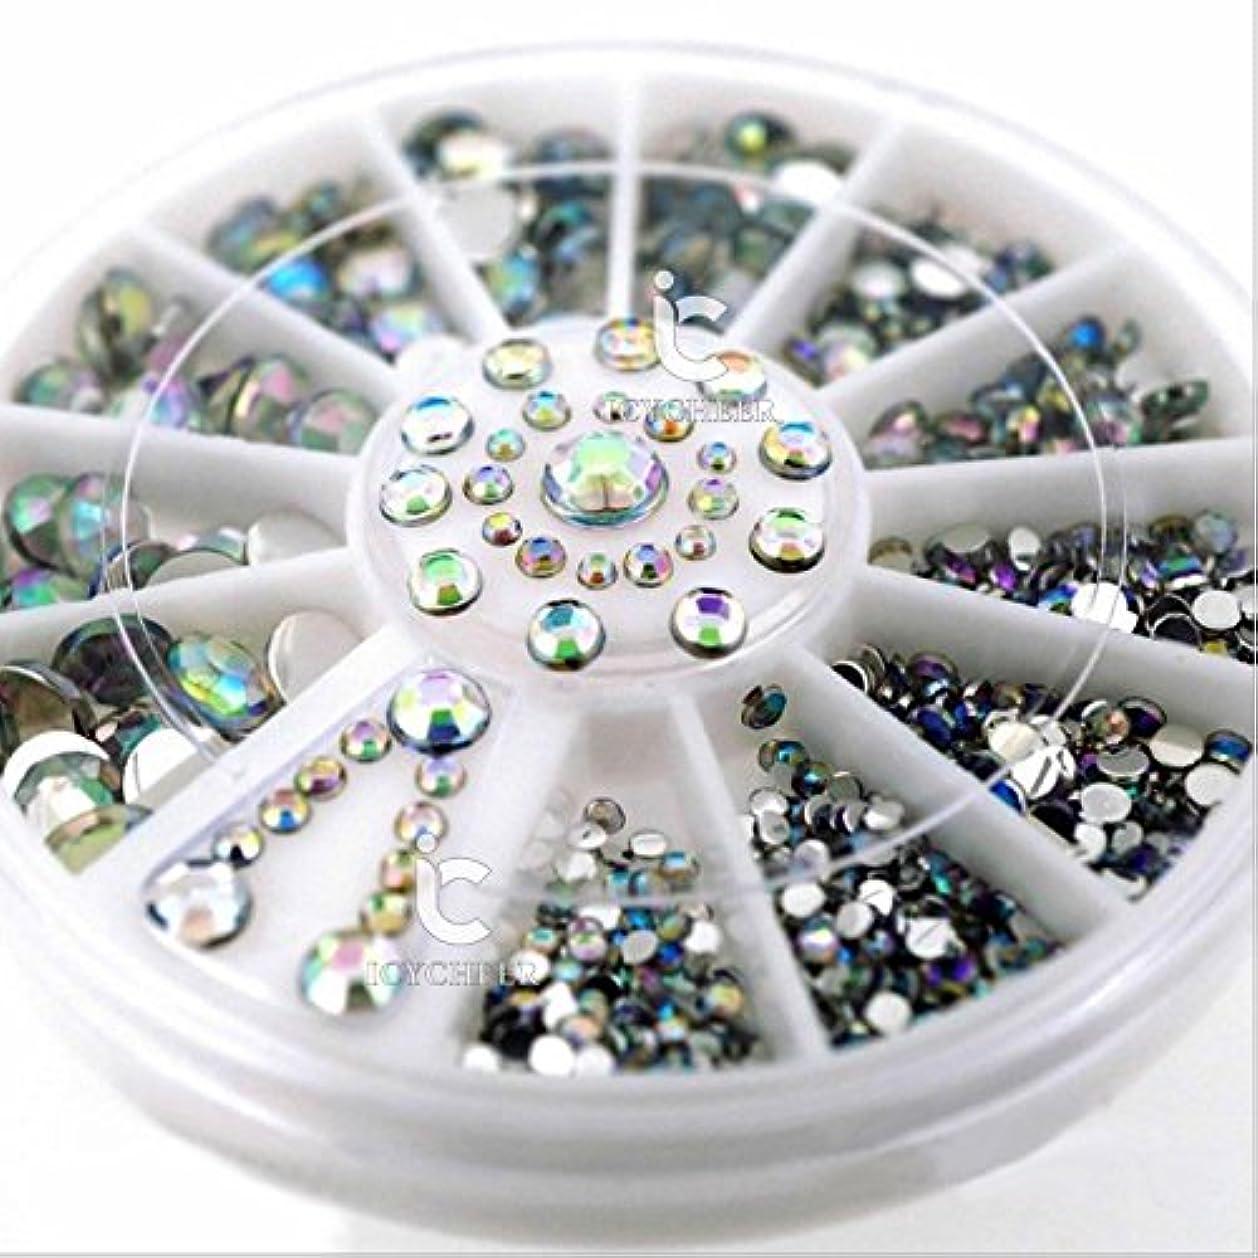 直立コマーススペードICYCHEERミックスサイズ3DネイルABラインストーンの宝石クリスタル3Dネイルアートデコレーションホイールマニキュア